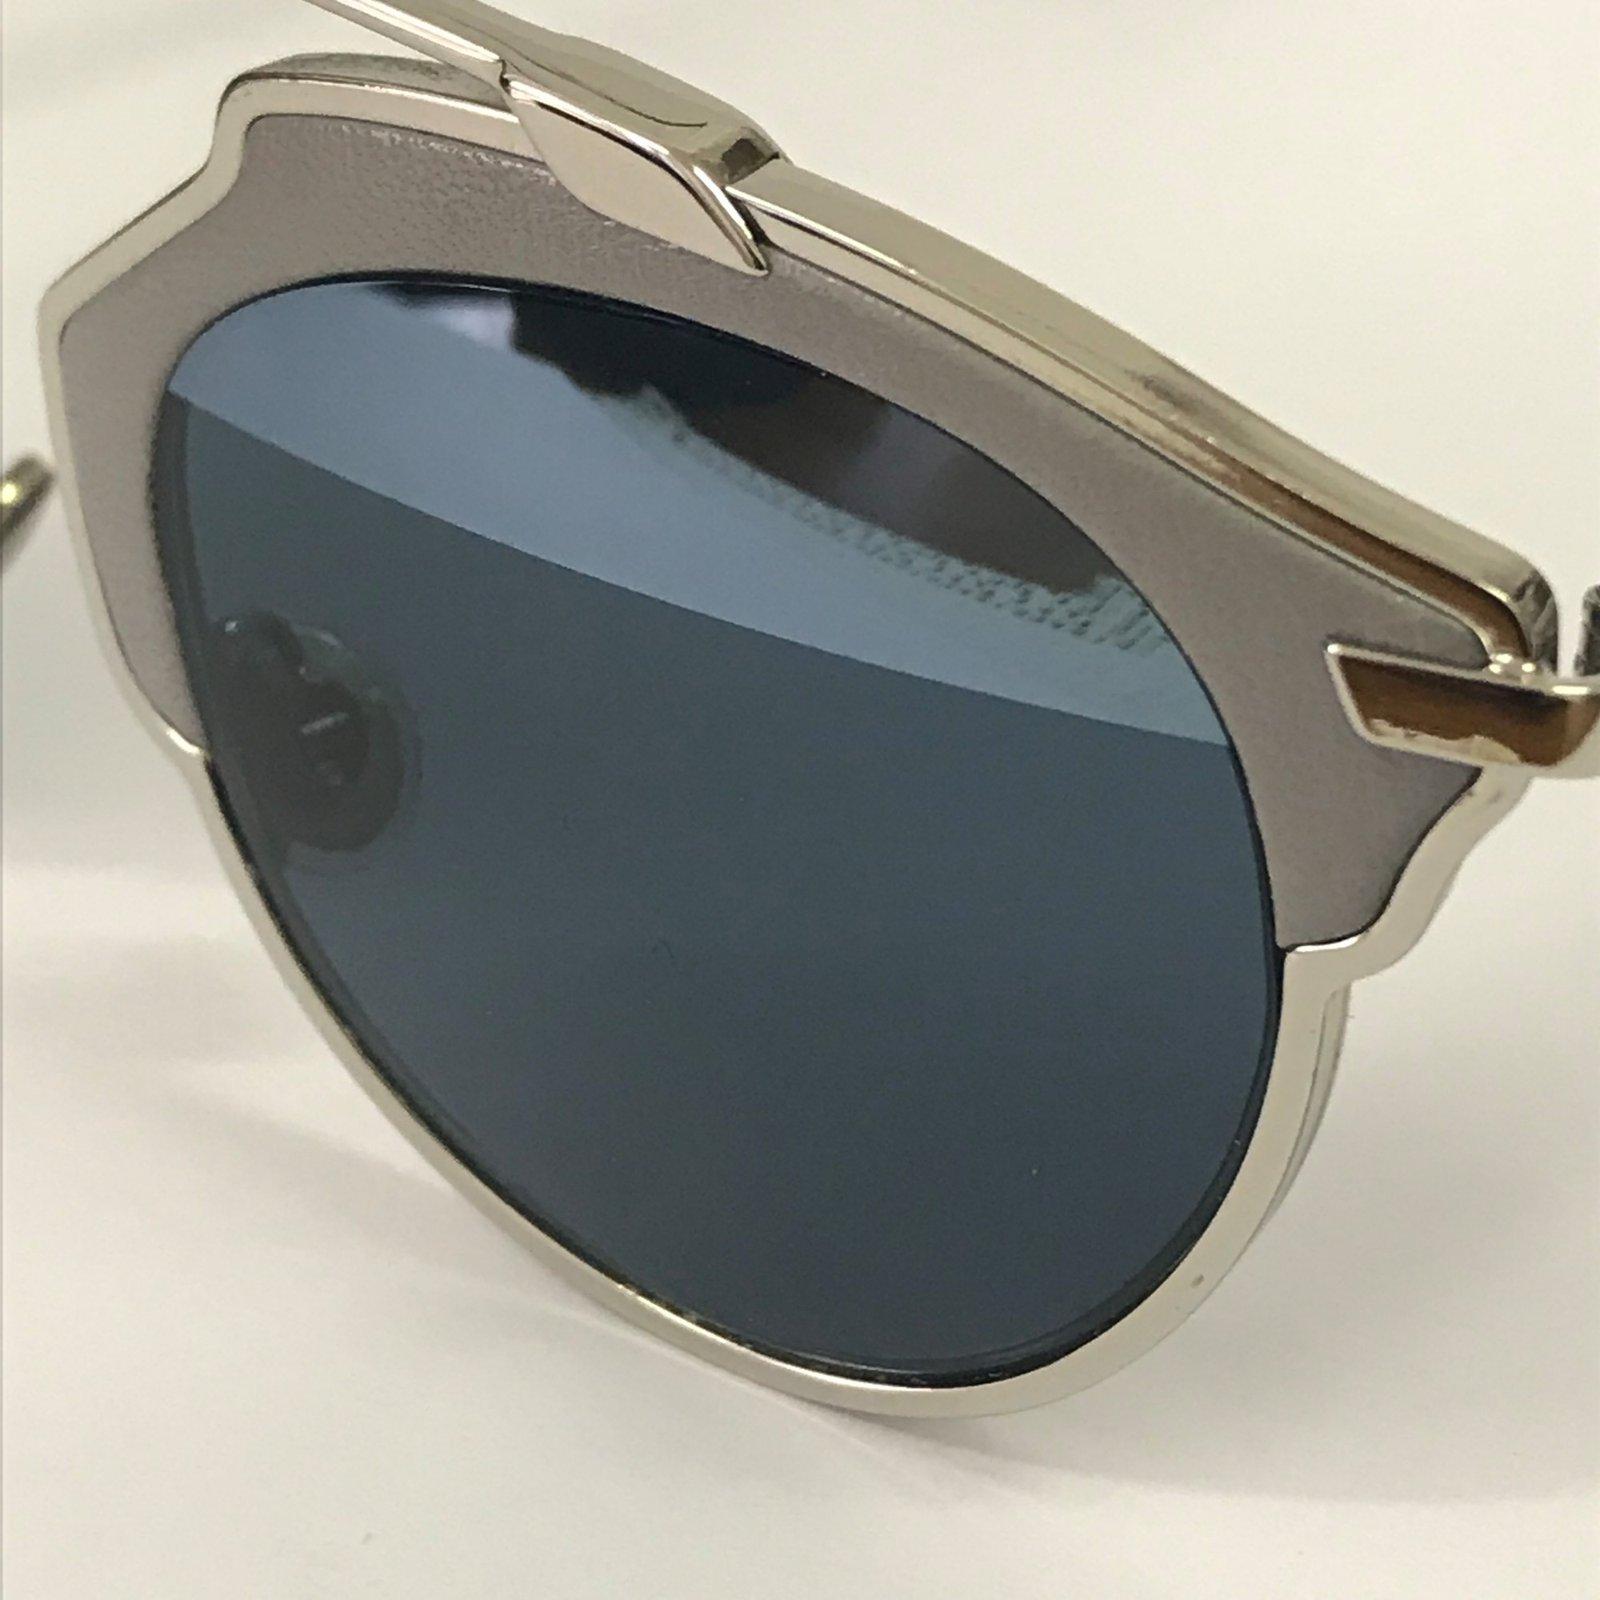 fa87df54ec5a Lunettes Dior Lunettes de soleil Cuir